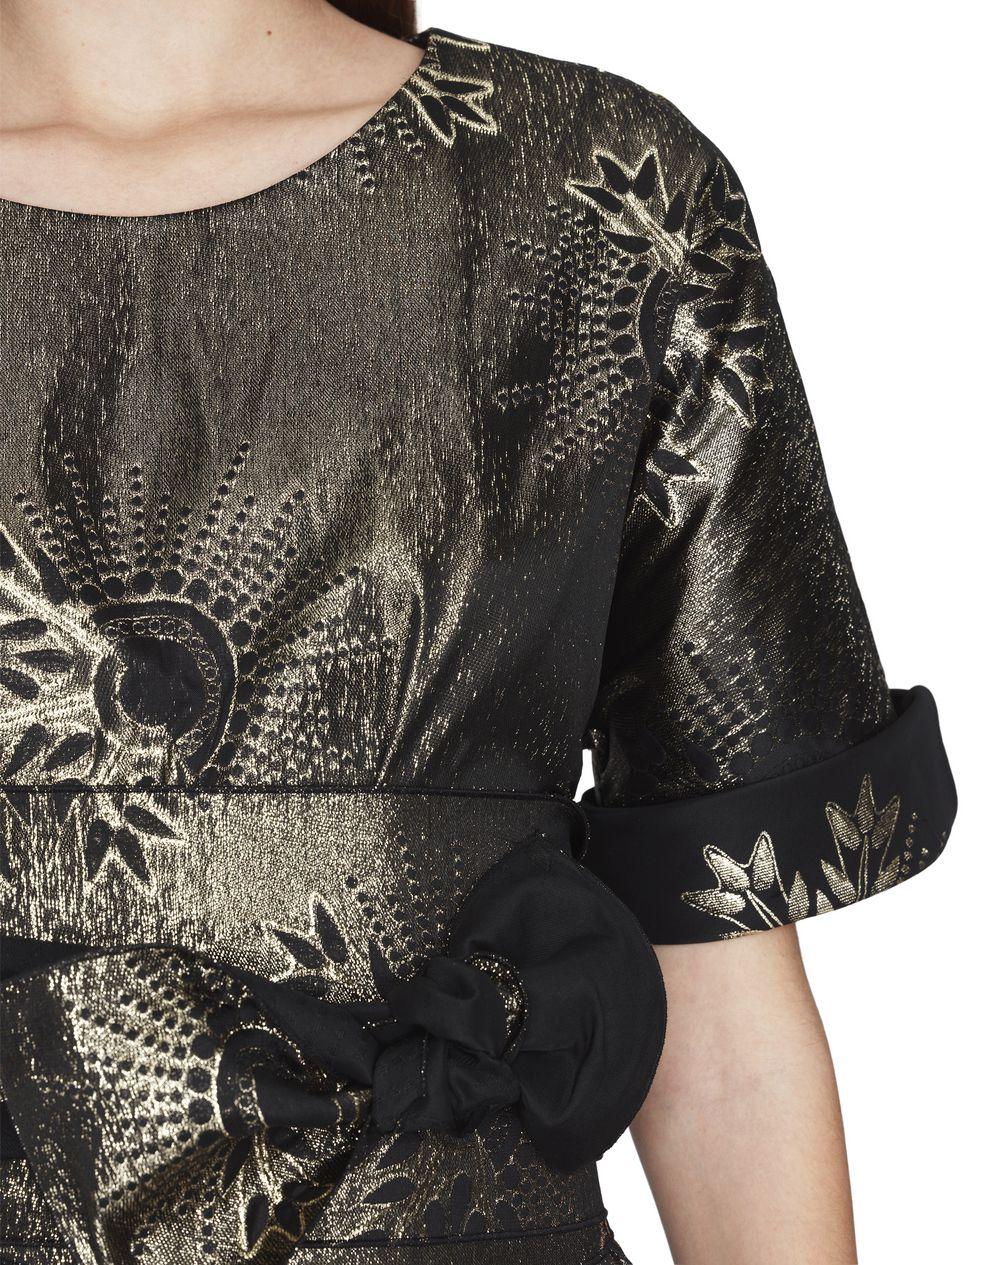 SHORT LAMÉ MOTIF DRESS - Lanvin